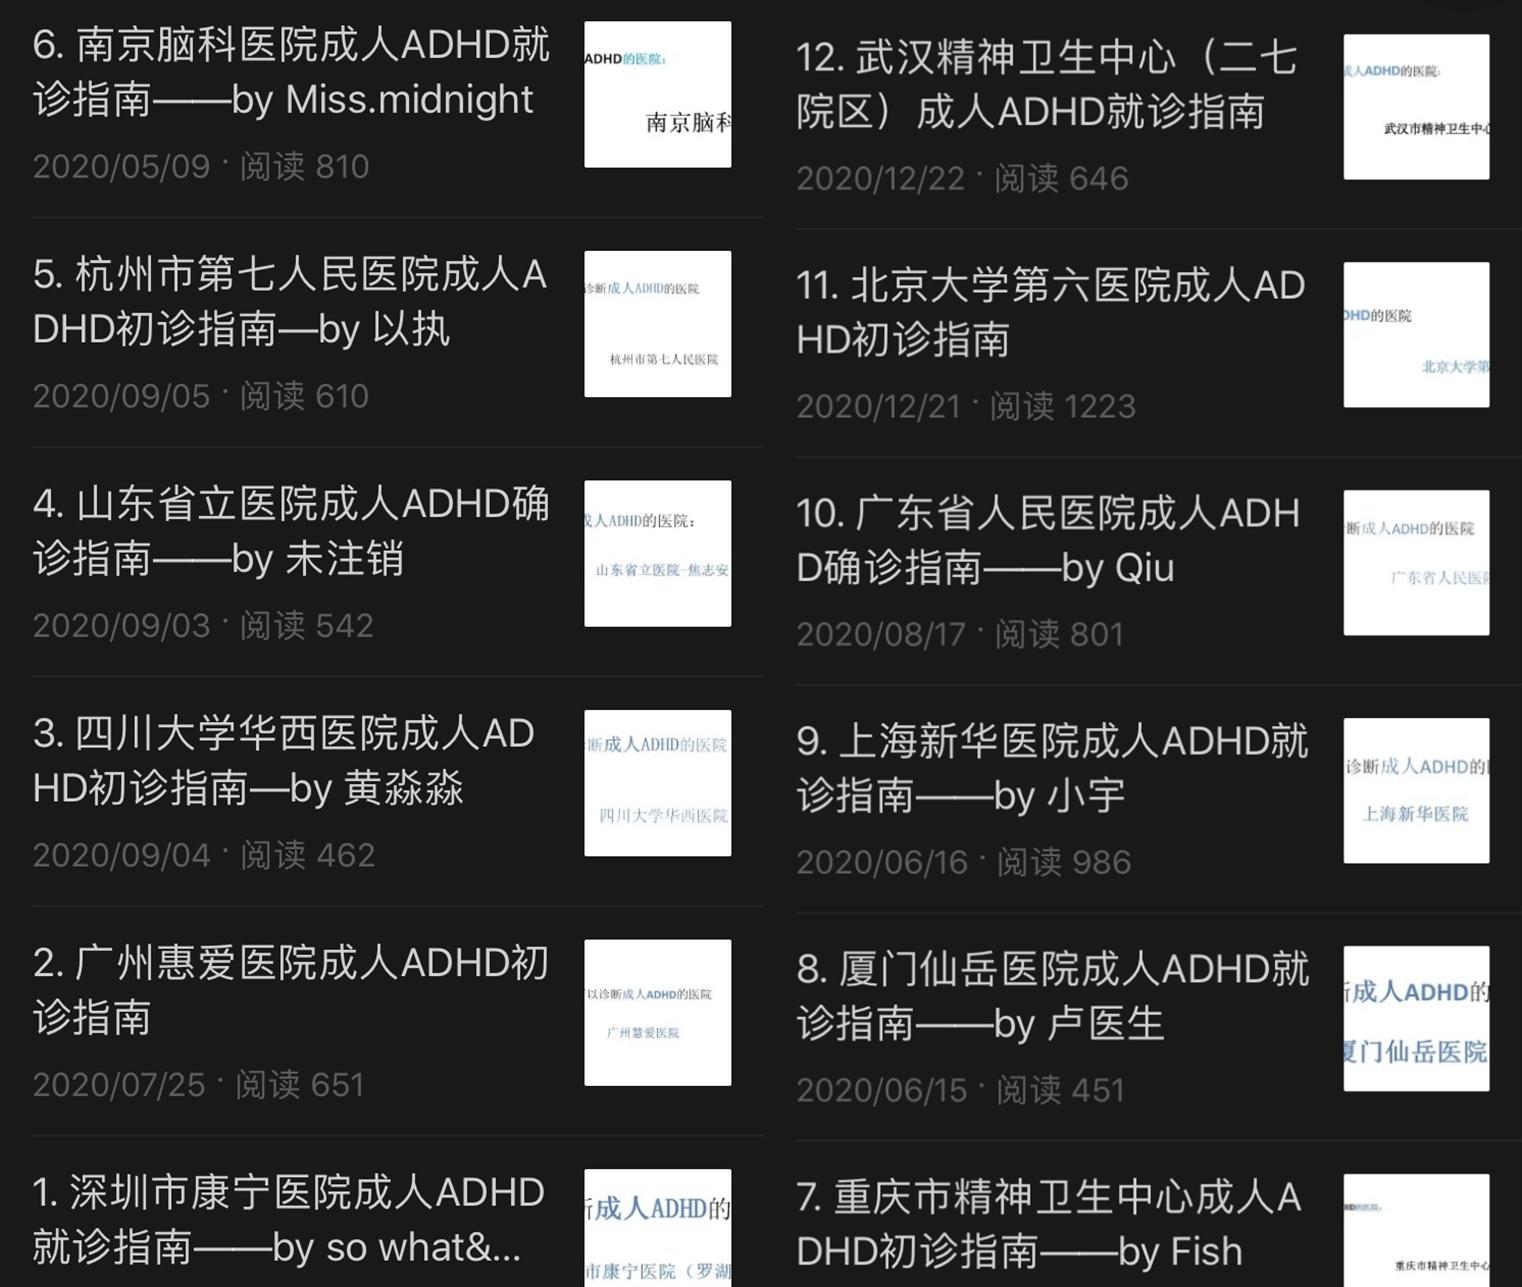 """经病友整合的12家可诊断ADHD的医院。图源来自吴国涛的公众号""""ADHD互助联盟""""。"""